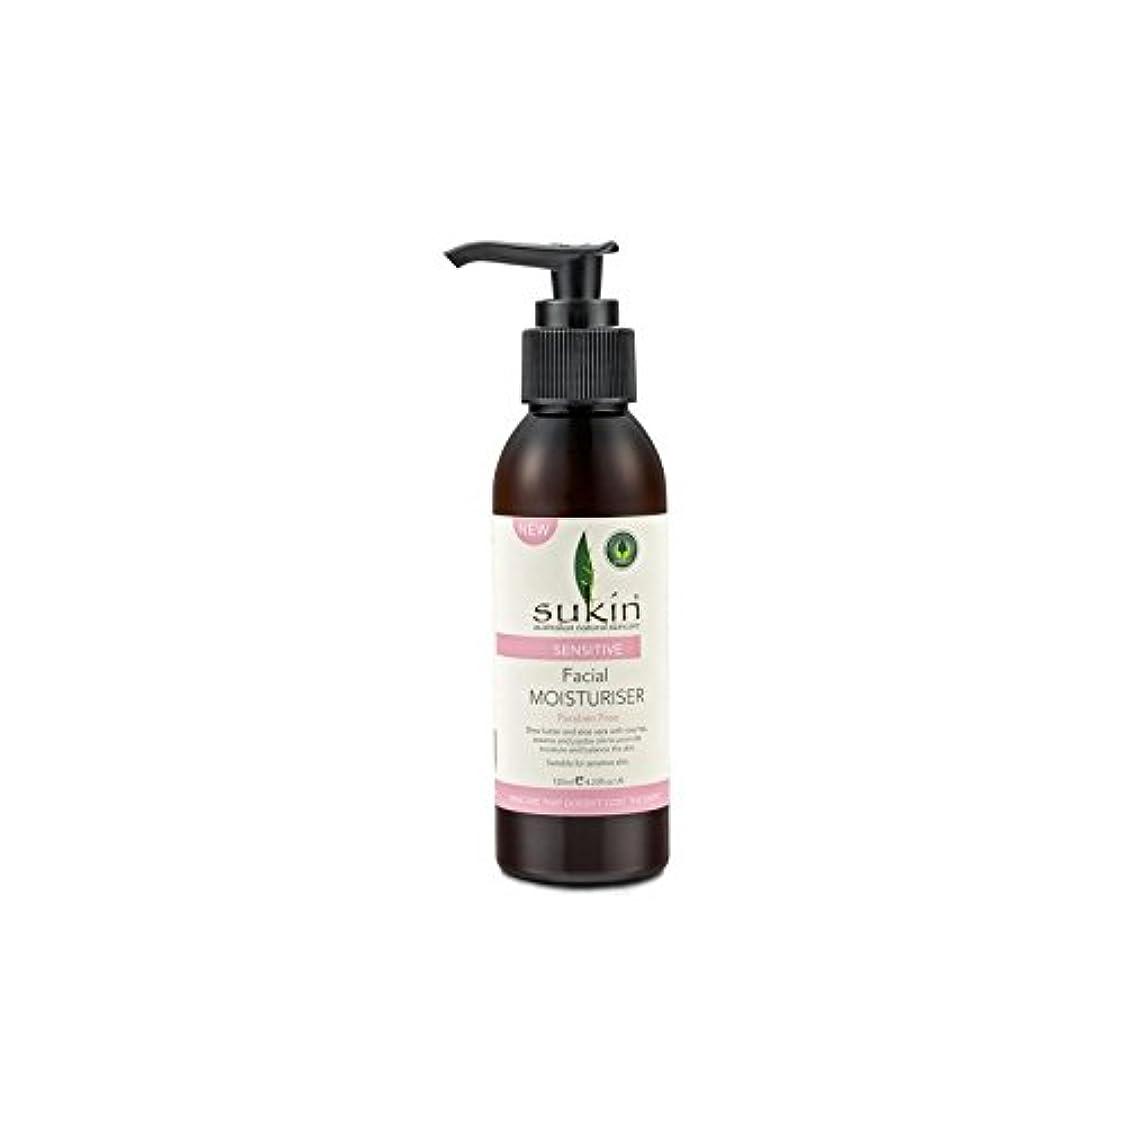 人道的やろうピン敏感な顔の保湿剤(125ミリリットル) x2 - Sukin Sensitive Facial Moisturiser (125ml) (Pack of 2) [並行輸入品]